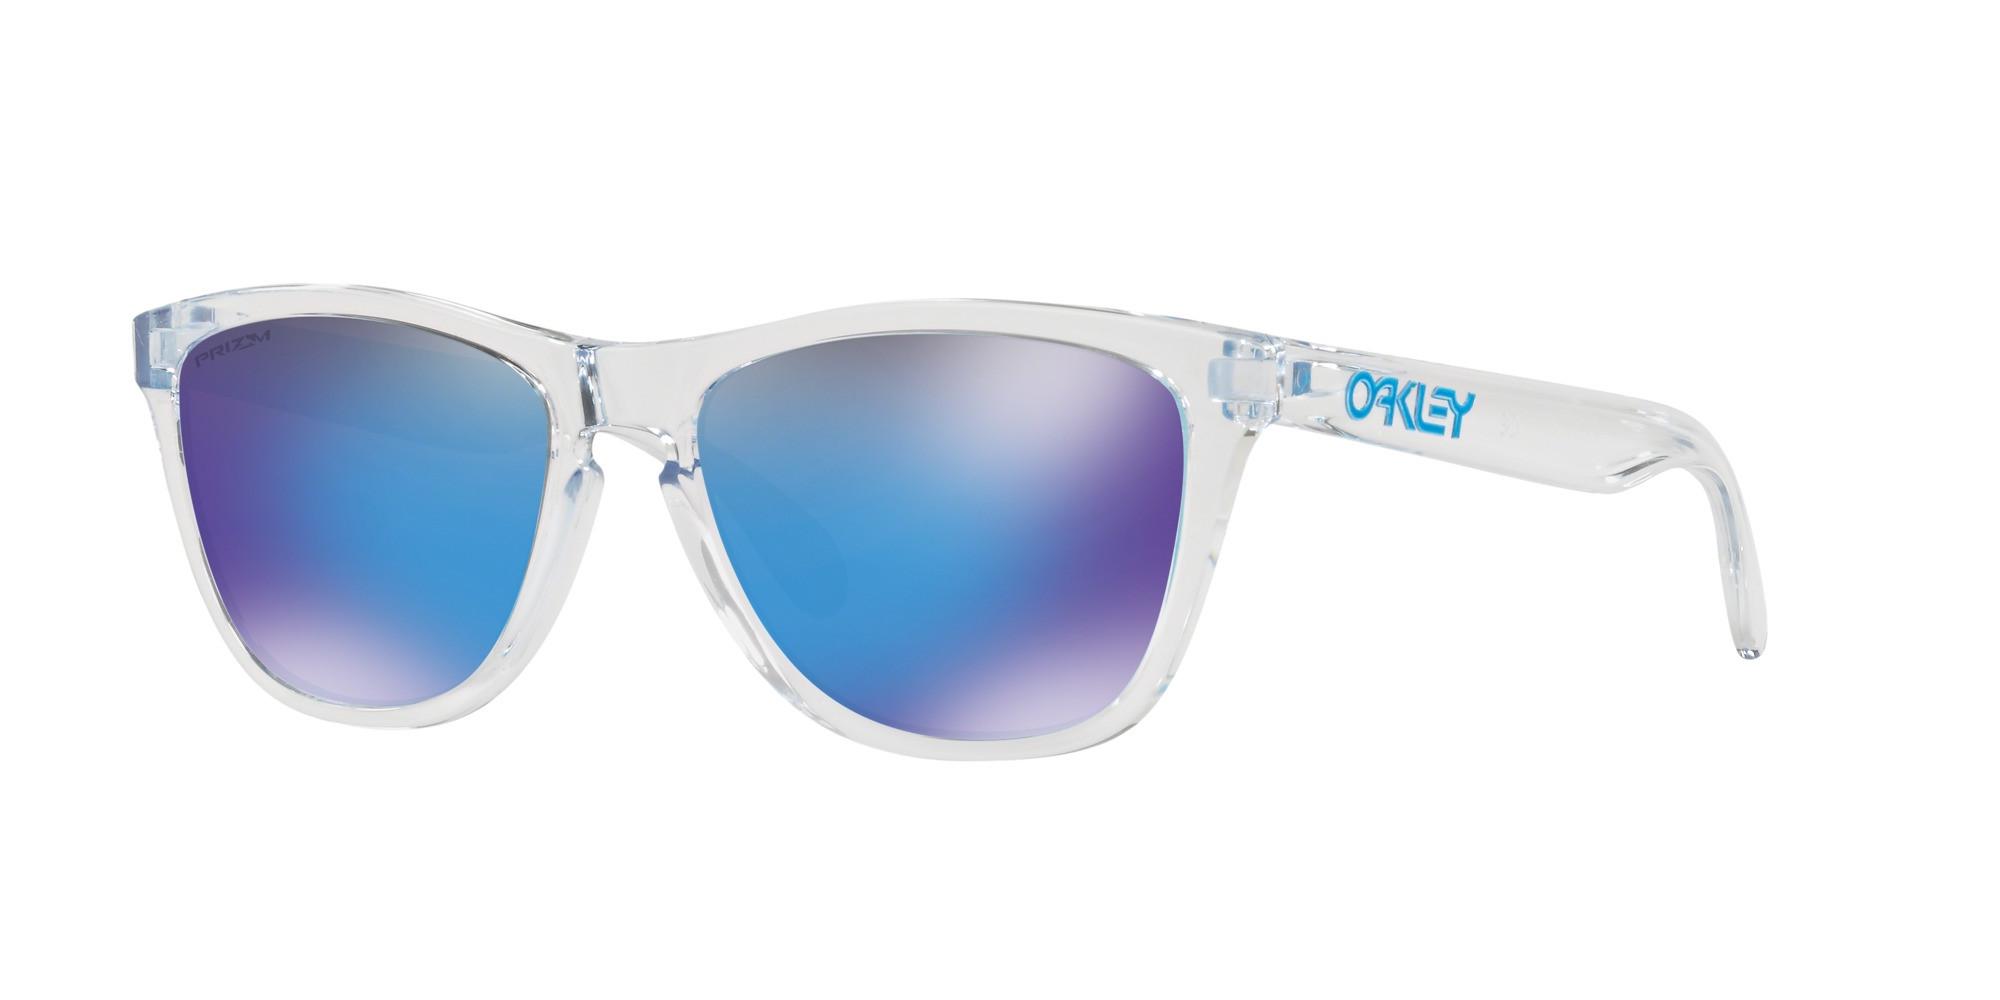 Gafas de sol OAKLEY 9013 9013D0